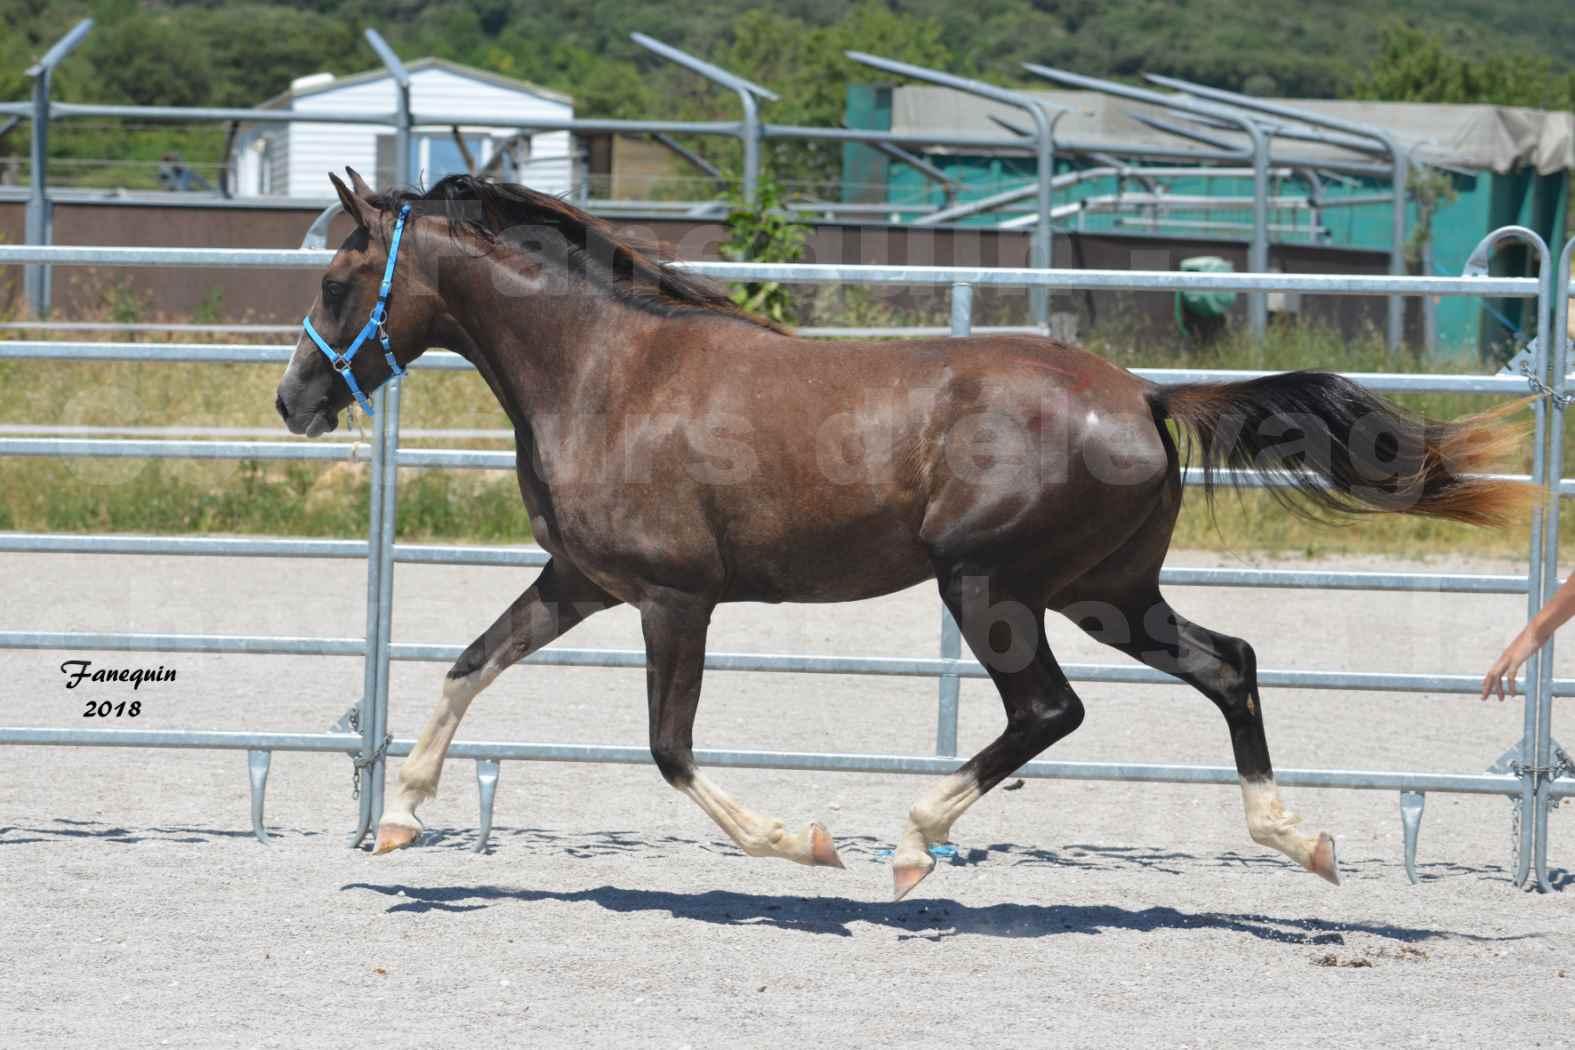 Concours d'Elevage de chevaux Arabes  le 27 juin 2018 à la BOISSIERE - GALICIA D'ALAUZE - 6